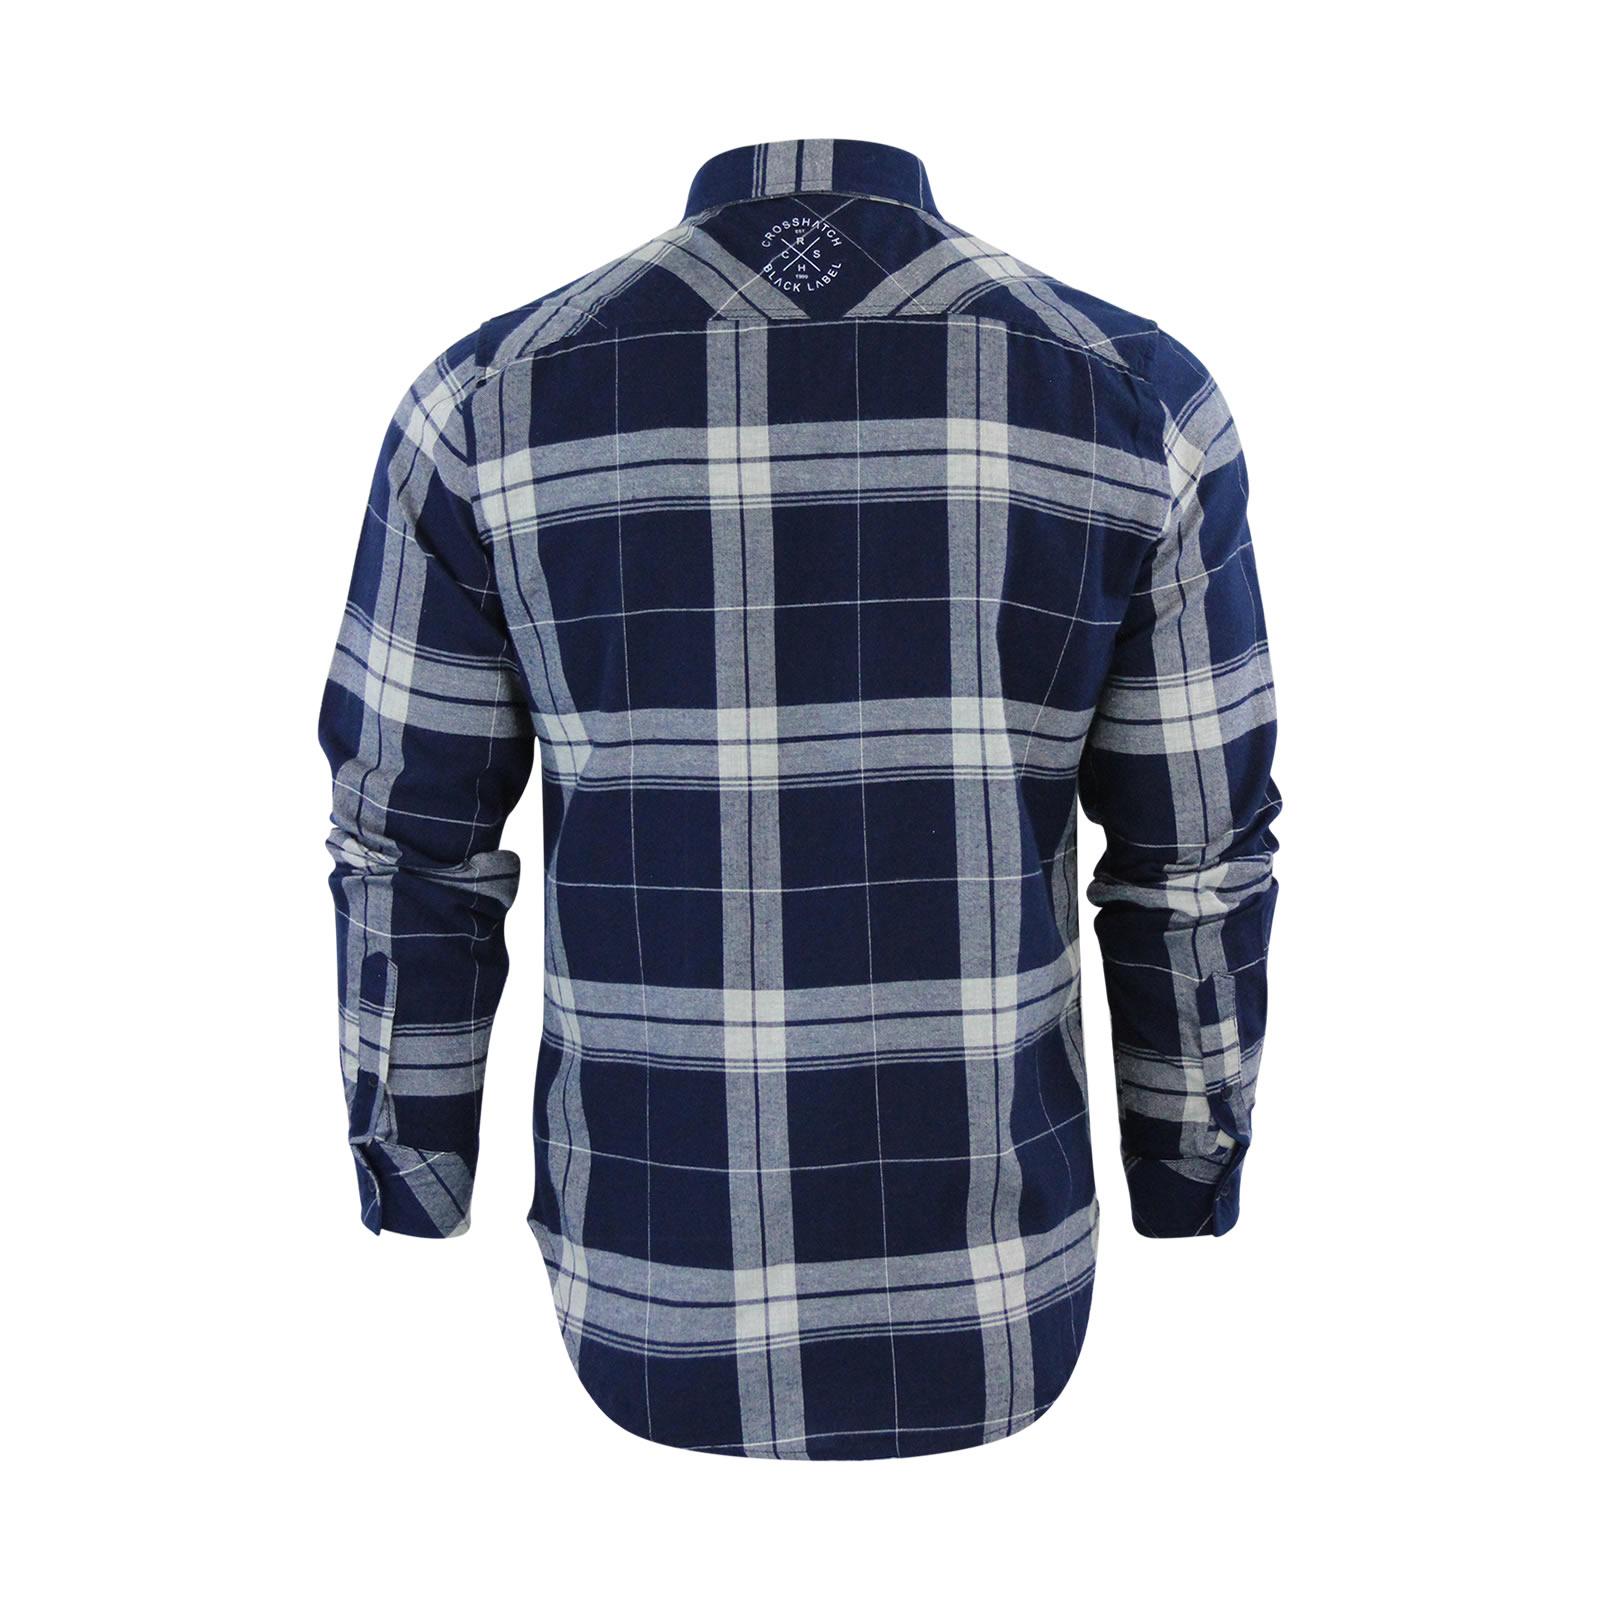 miniature 3 - Homme chemise à carreaux crosshatch mitty coton à col à manches longues top casual